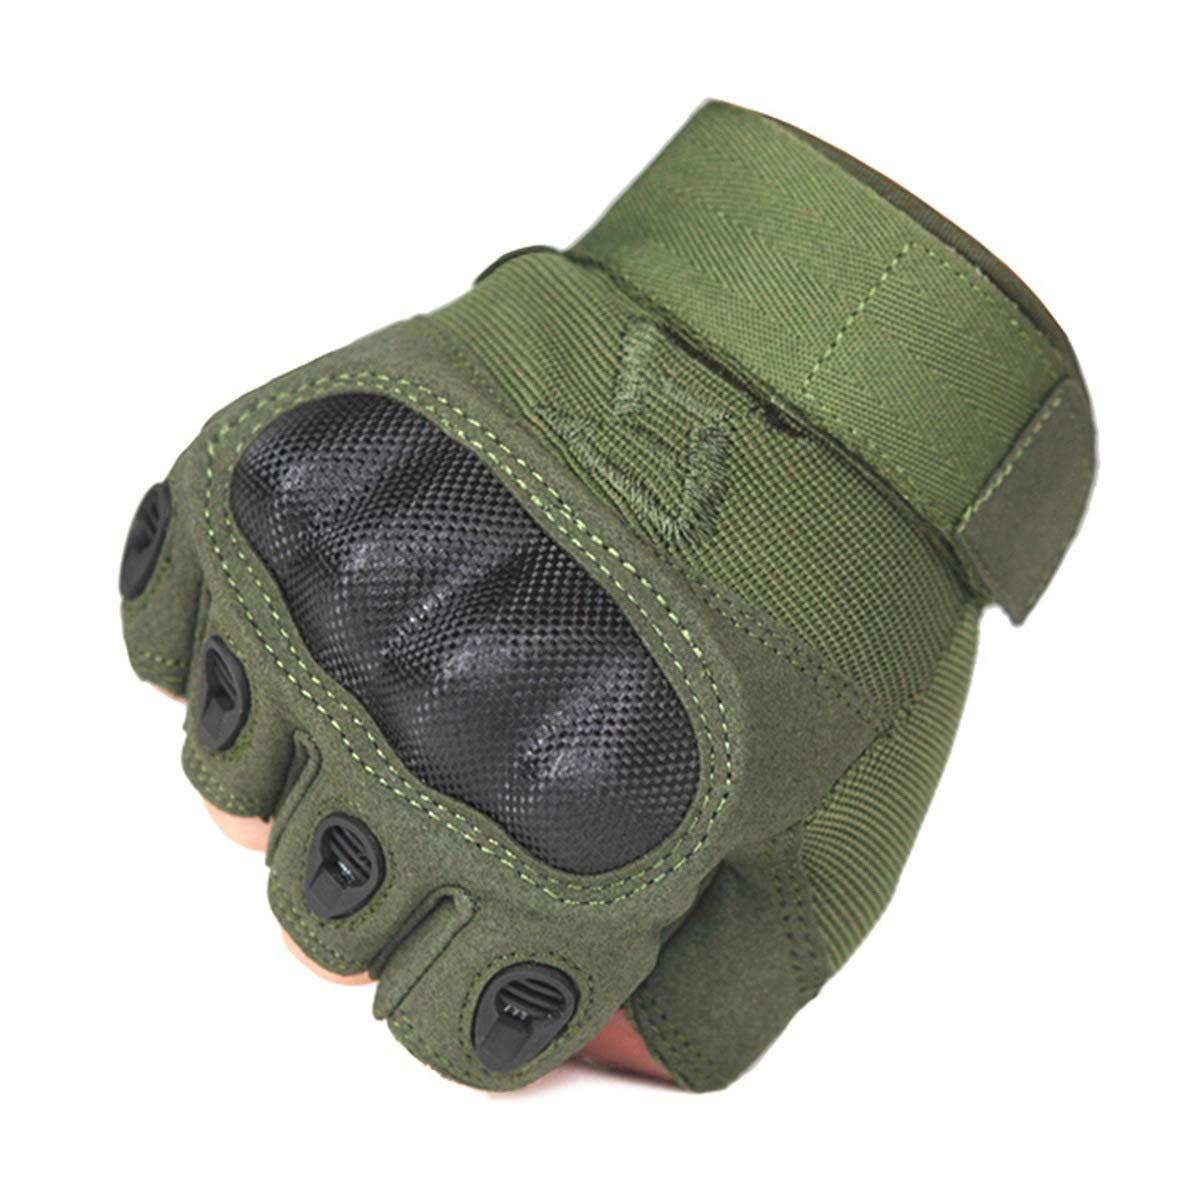 FREE SOLDIER Tactical Gloves Military Full finger Fingerless Gloves For Men Outdoor Motorbike Training Gloves